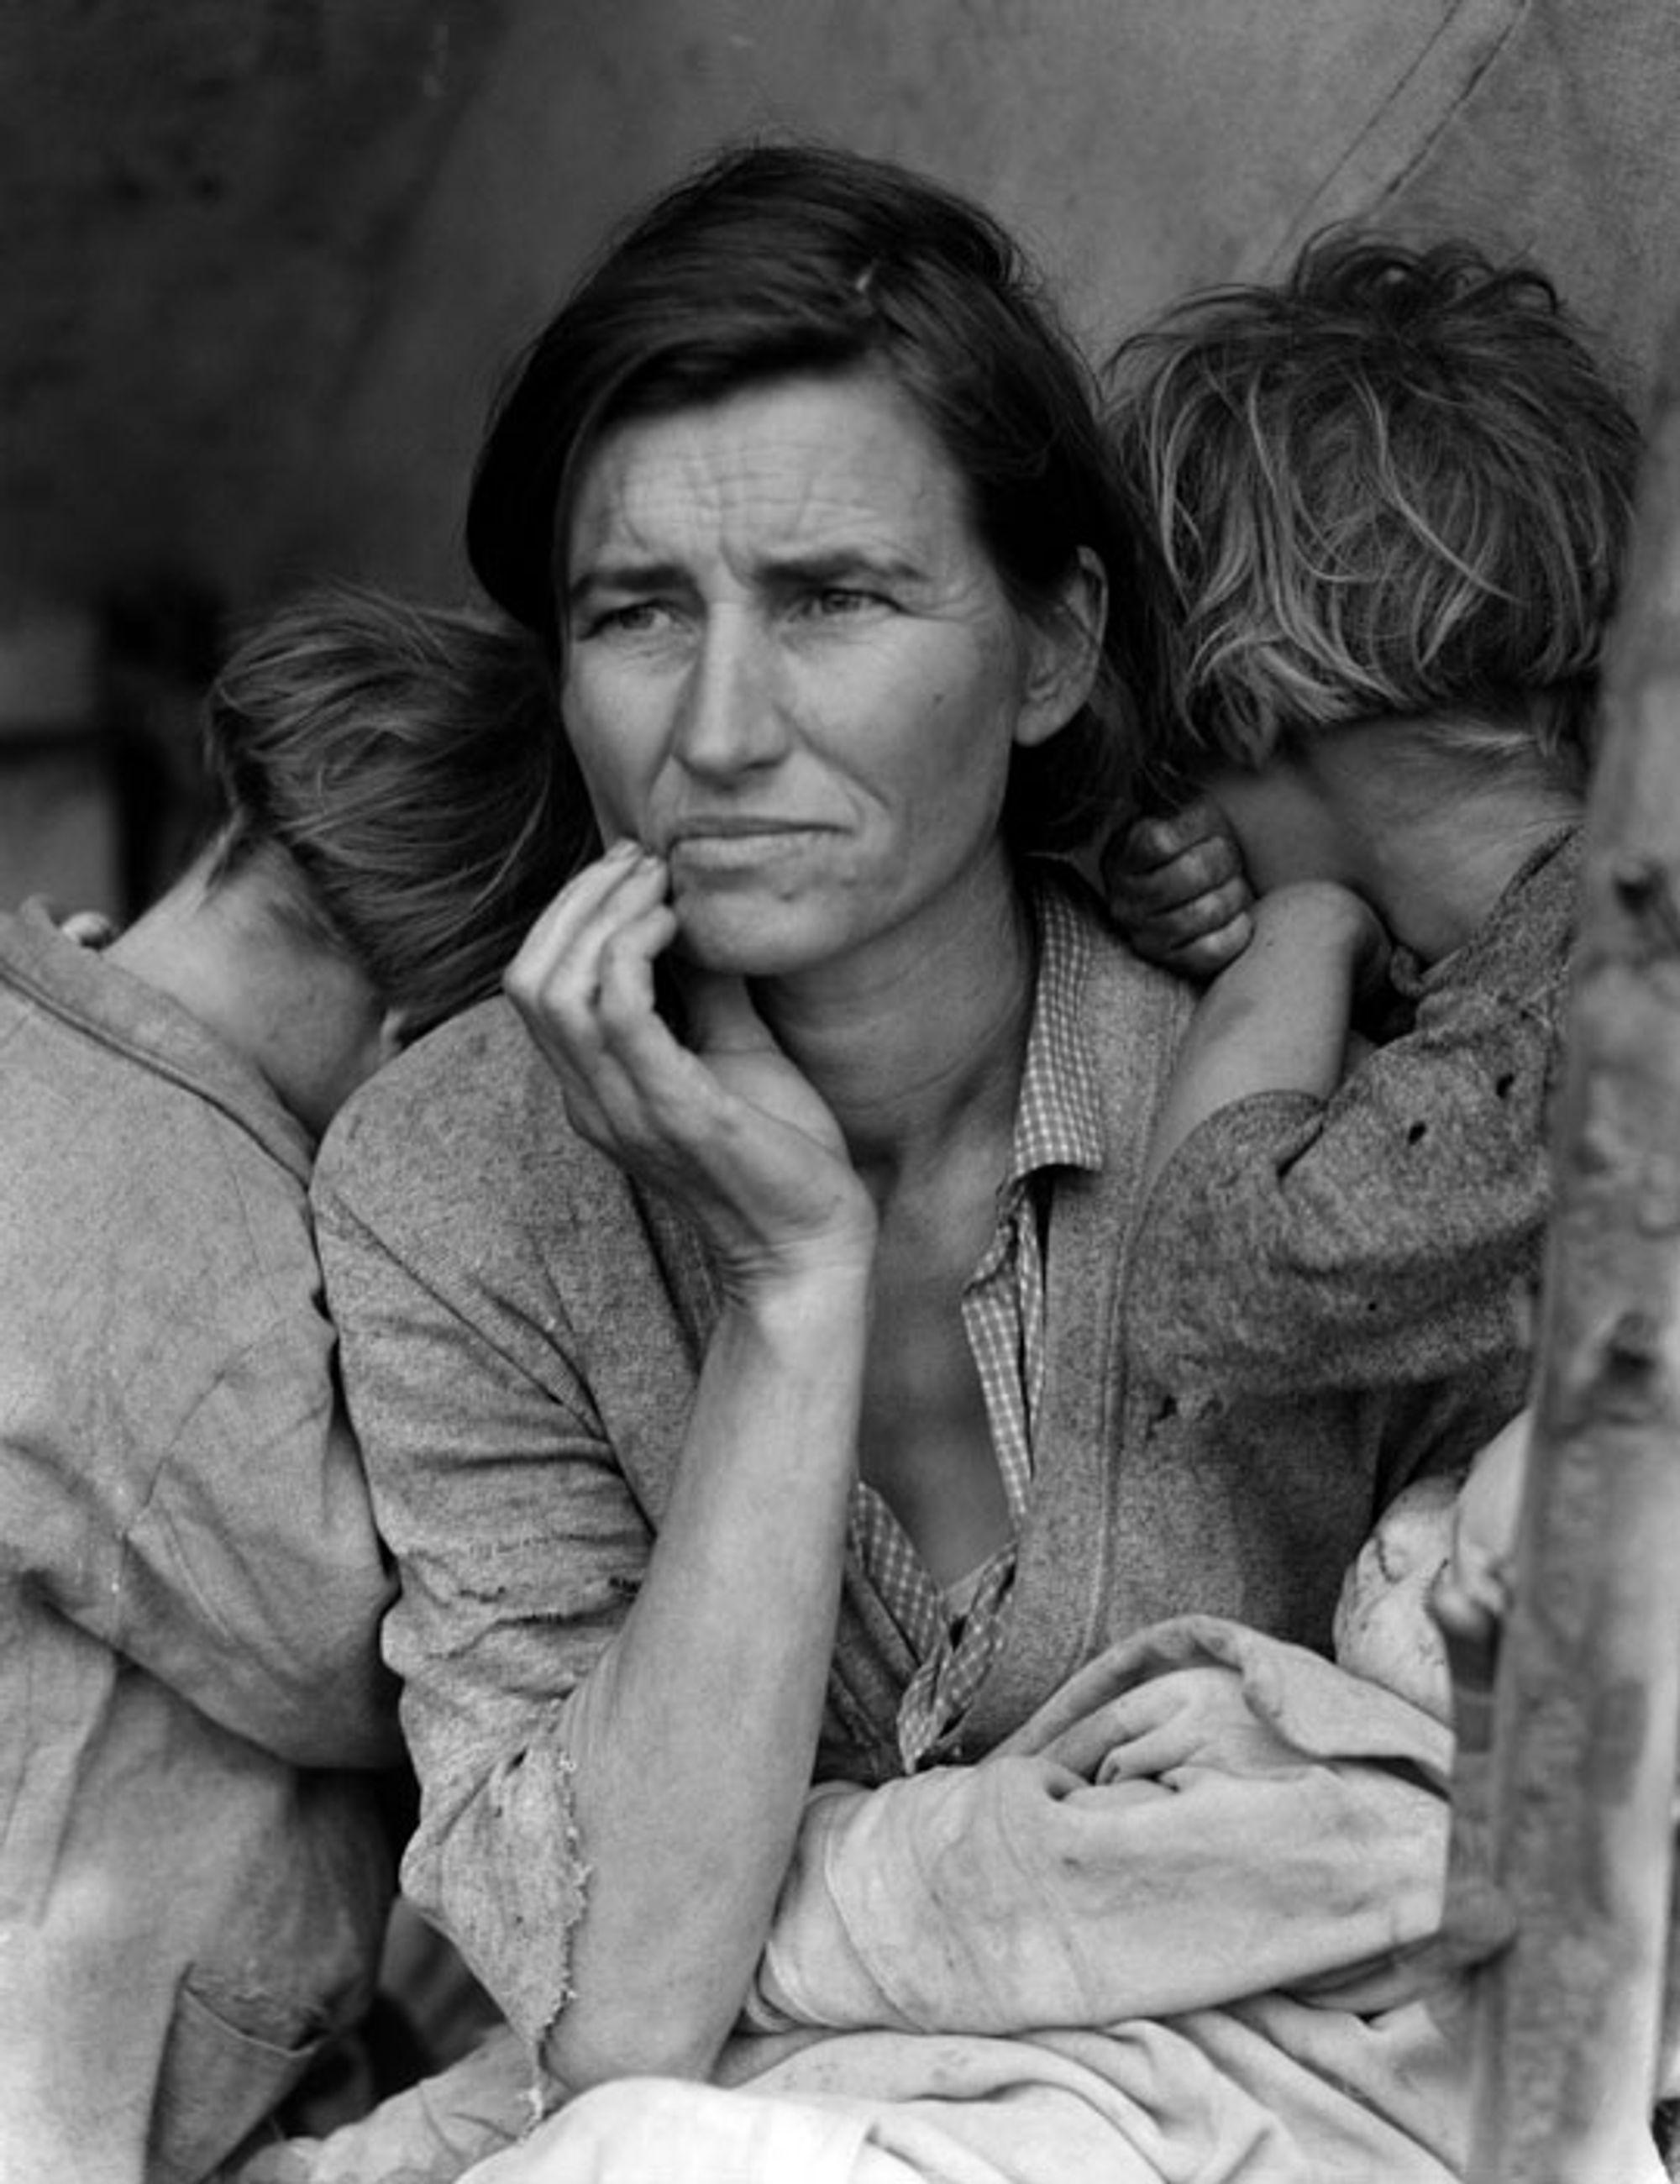 Dorothea Langes berømte bilde